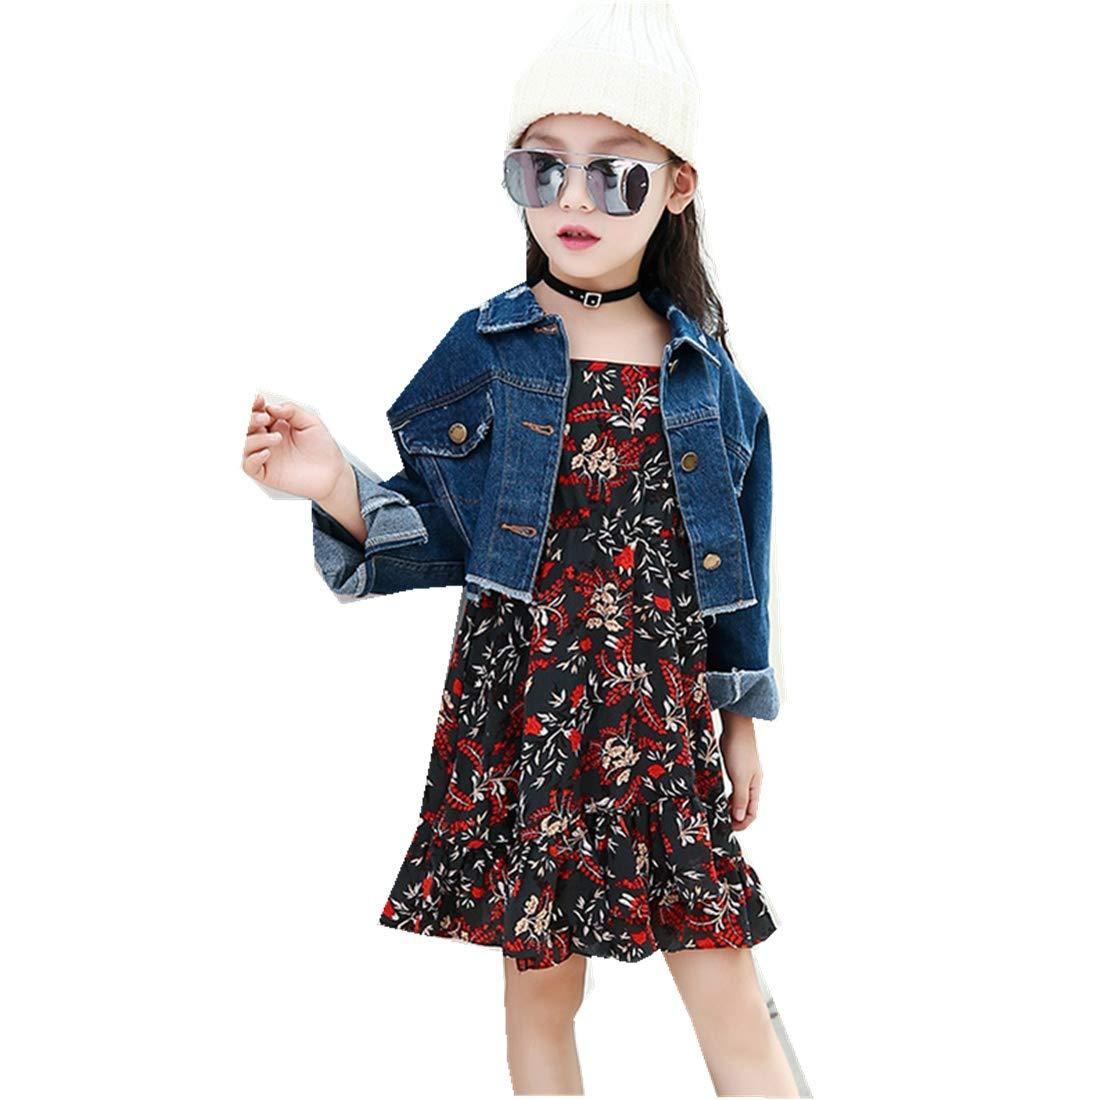 MV Autumn Retro Children Casual Personality Denim Jacket Sling Floral Dress Suit